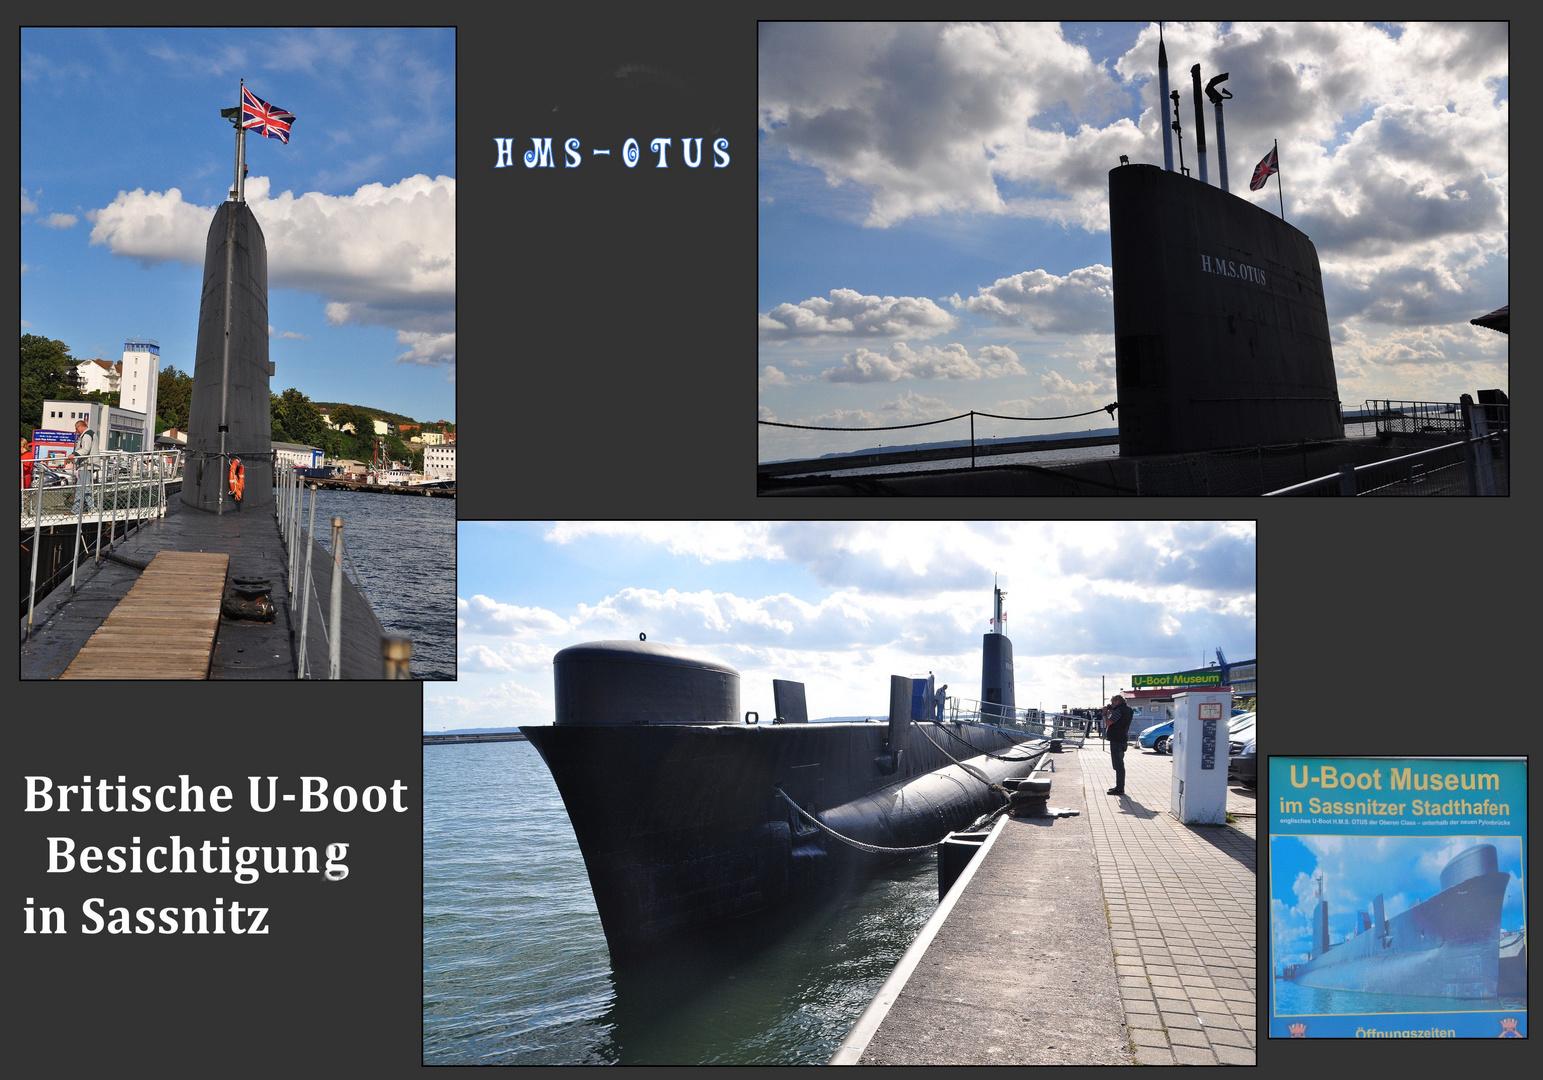 HMS - Otus (3a)